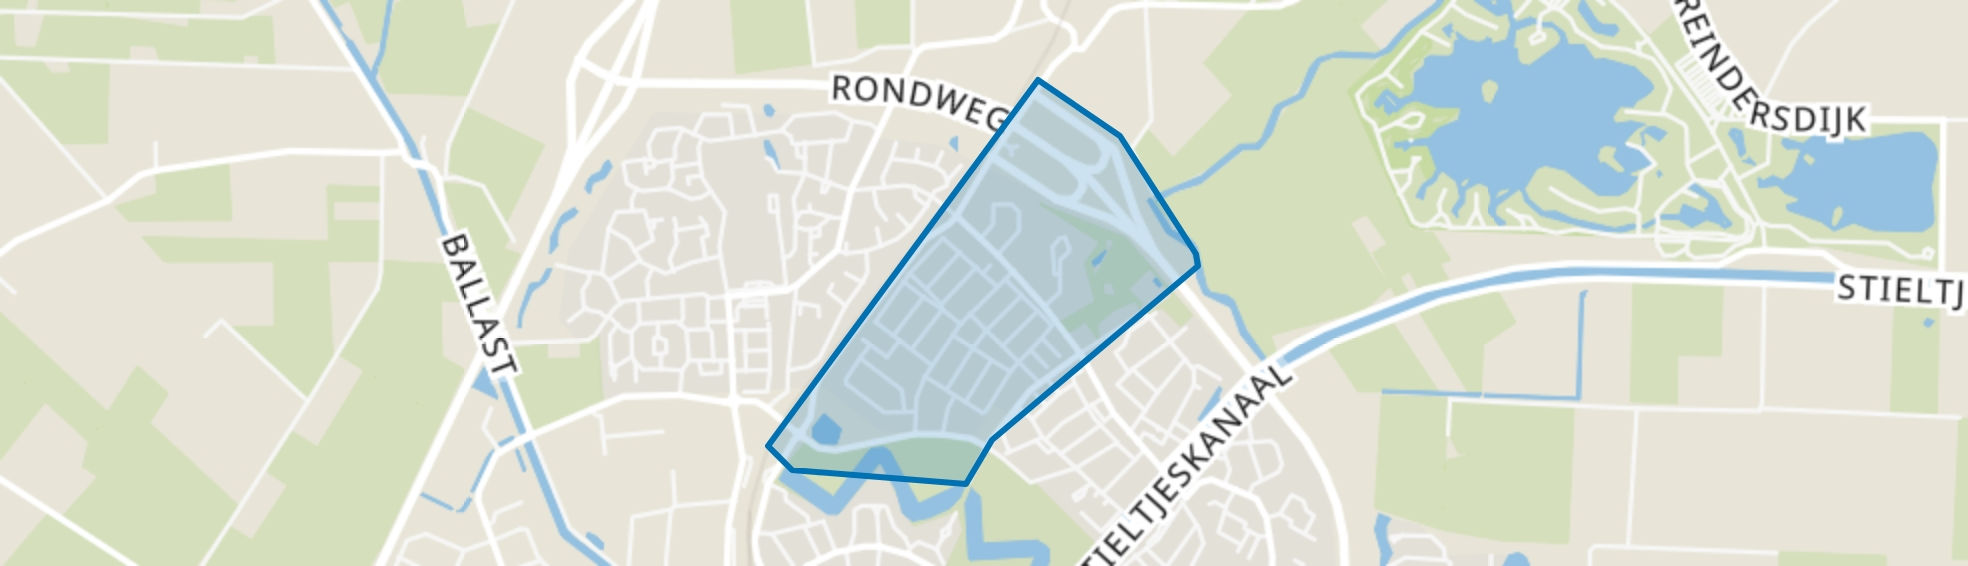 Lootuinen, Coevorden map